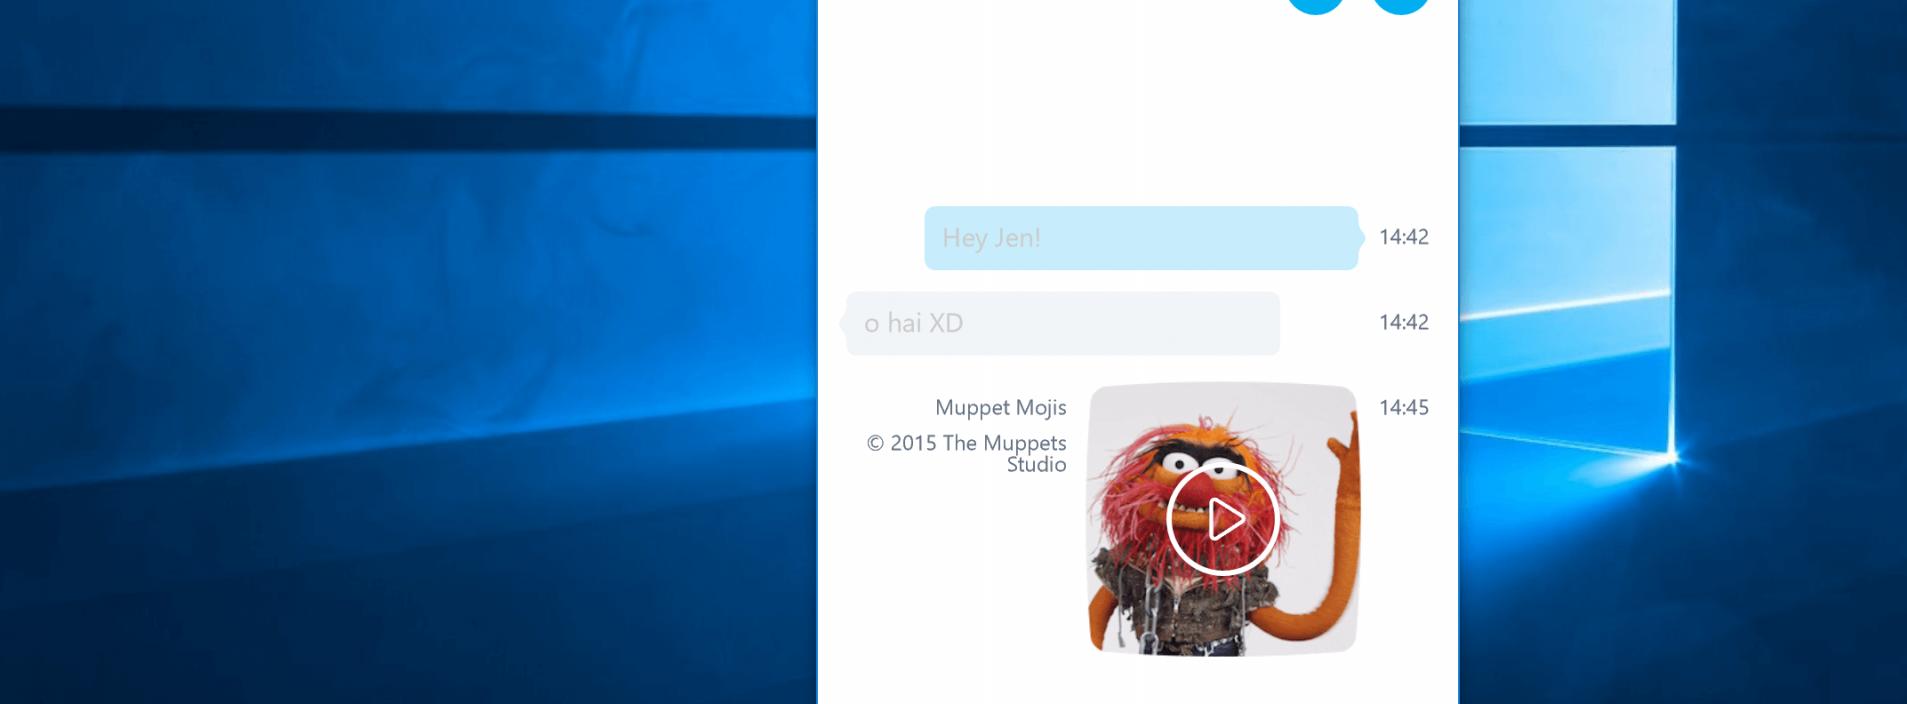 Veja o My People funcionando no Windows 10 [Vídeo]